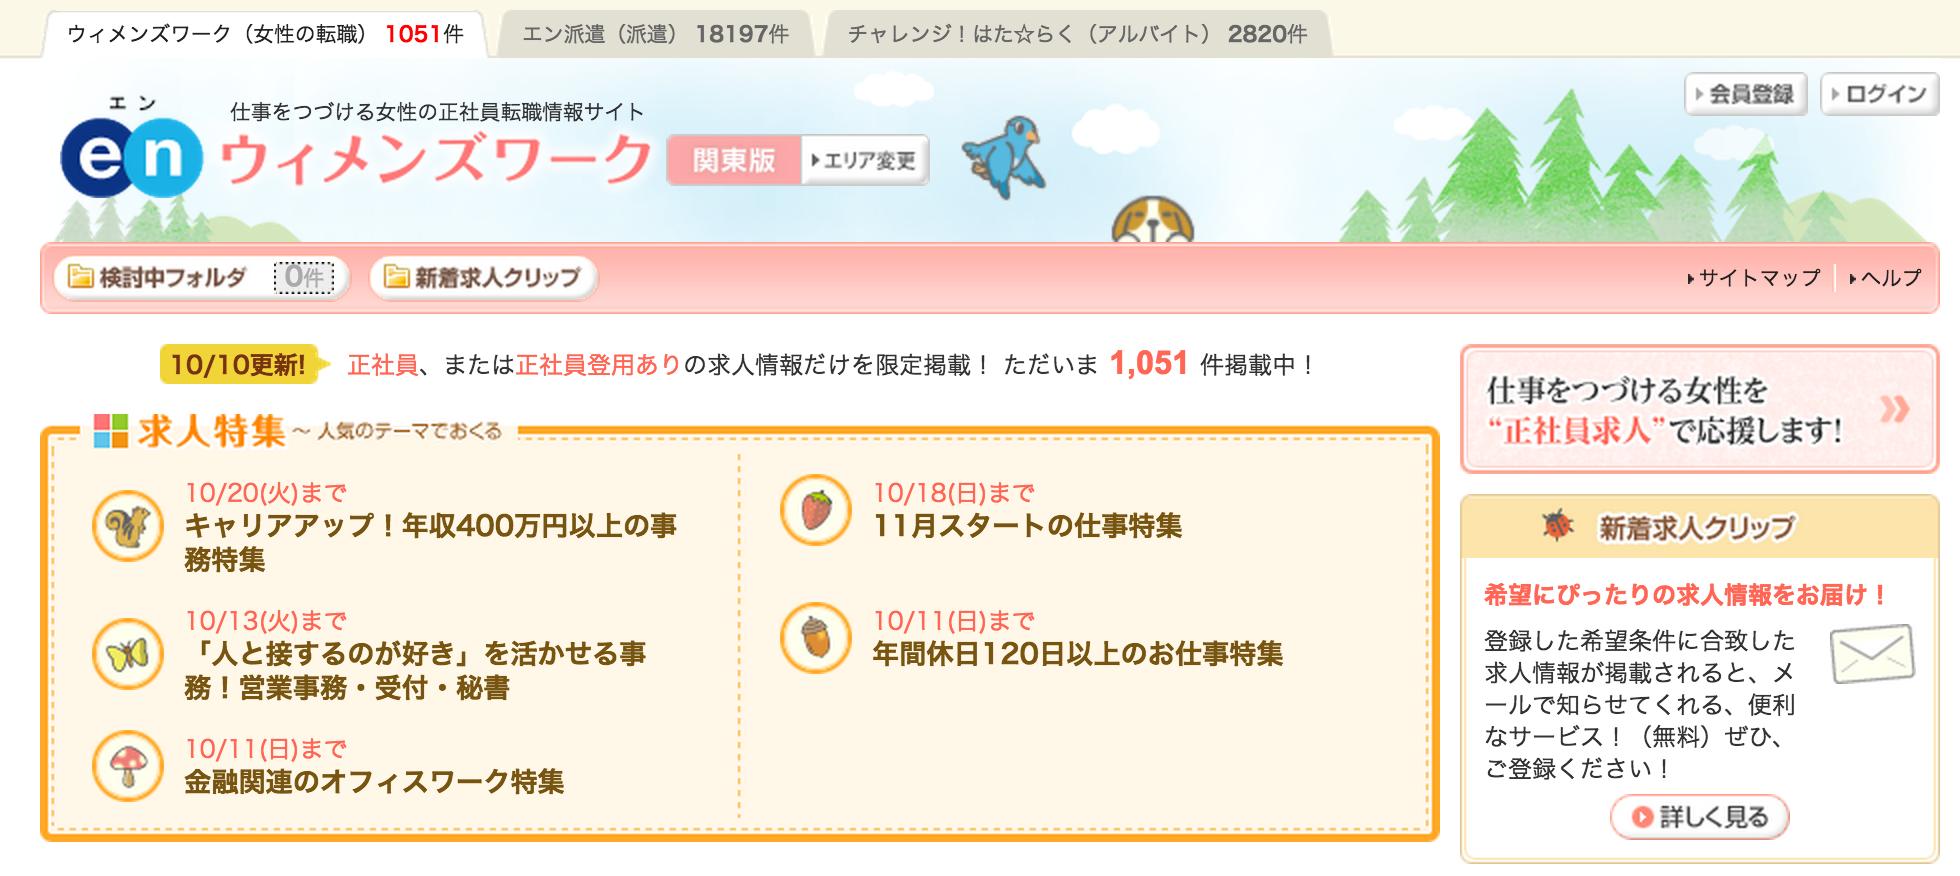 スクリーンショット 2015-10-10 12.56.51